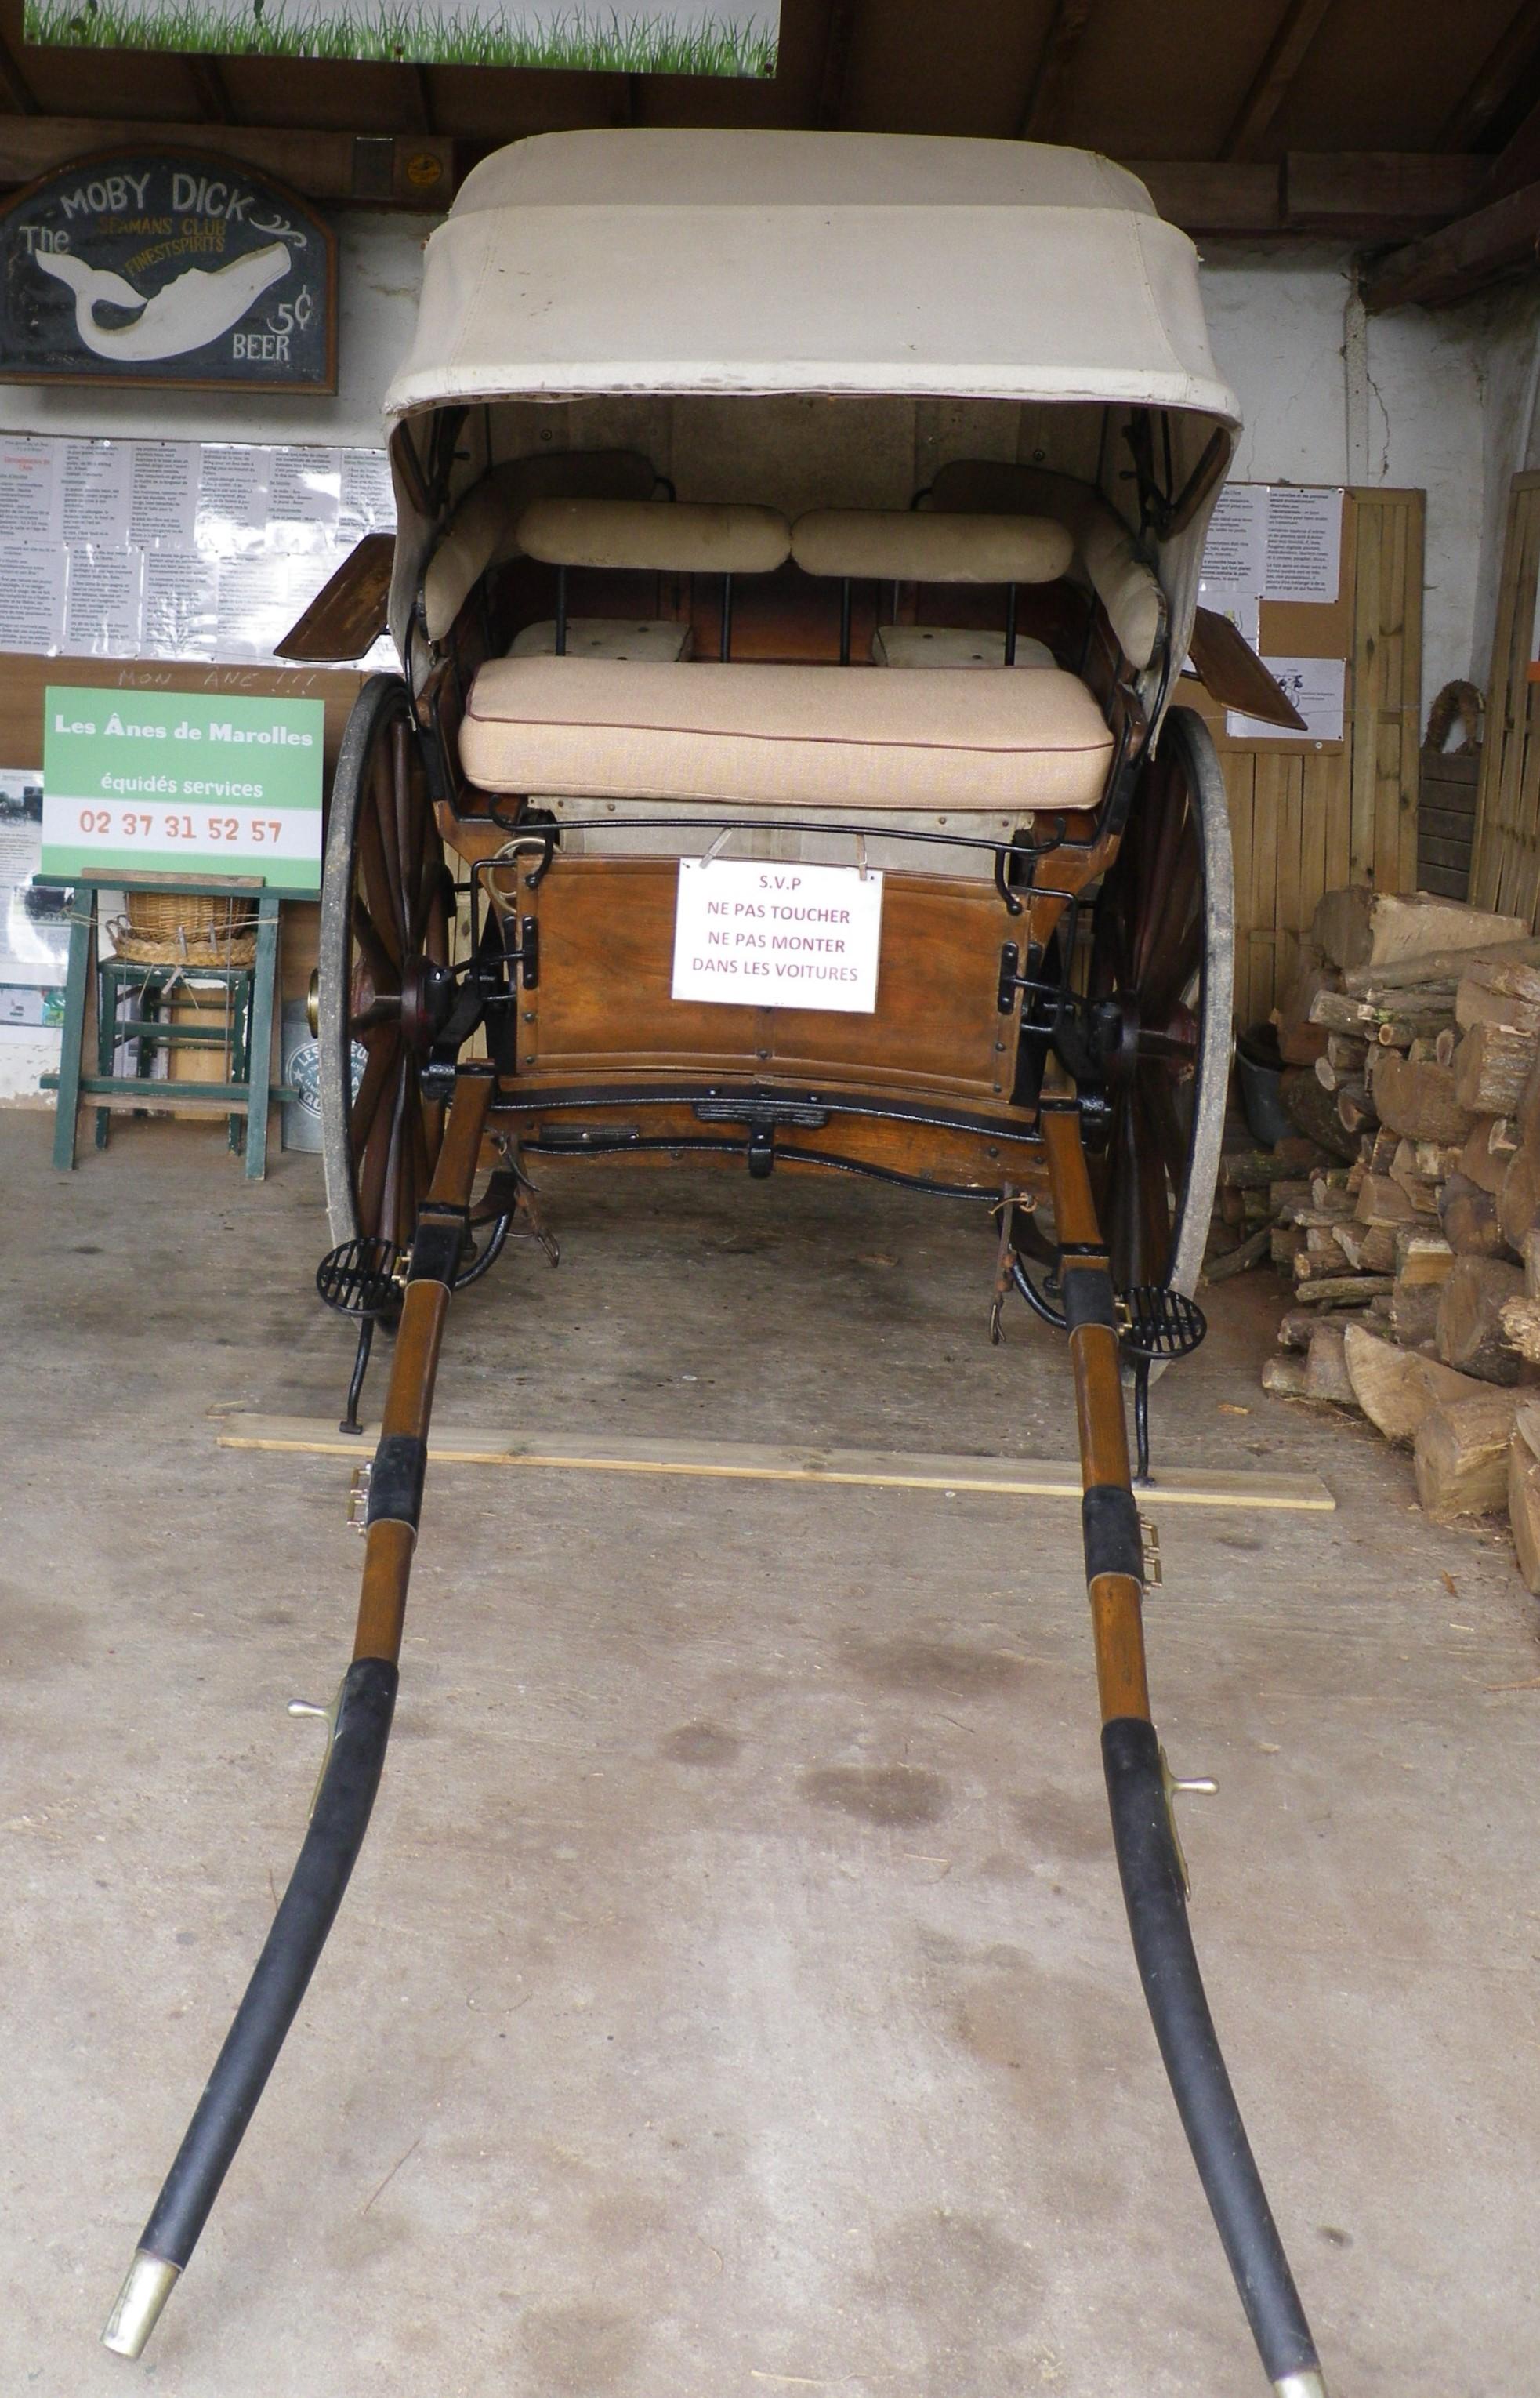 1 2 tonneau voiture hippomobile les nes de marolles les nes de marolles. Black Bedroom Furniture Sets. Home Design Ideas